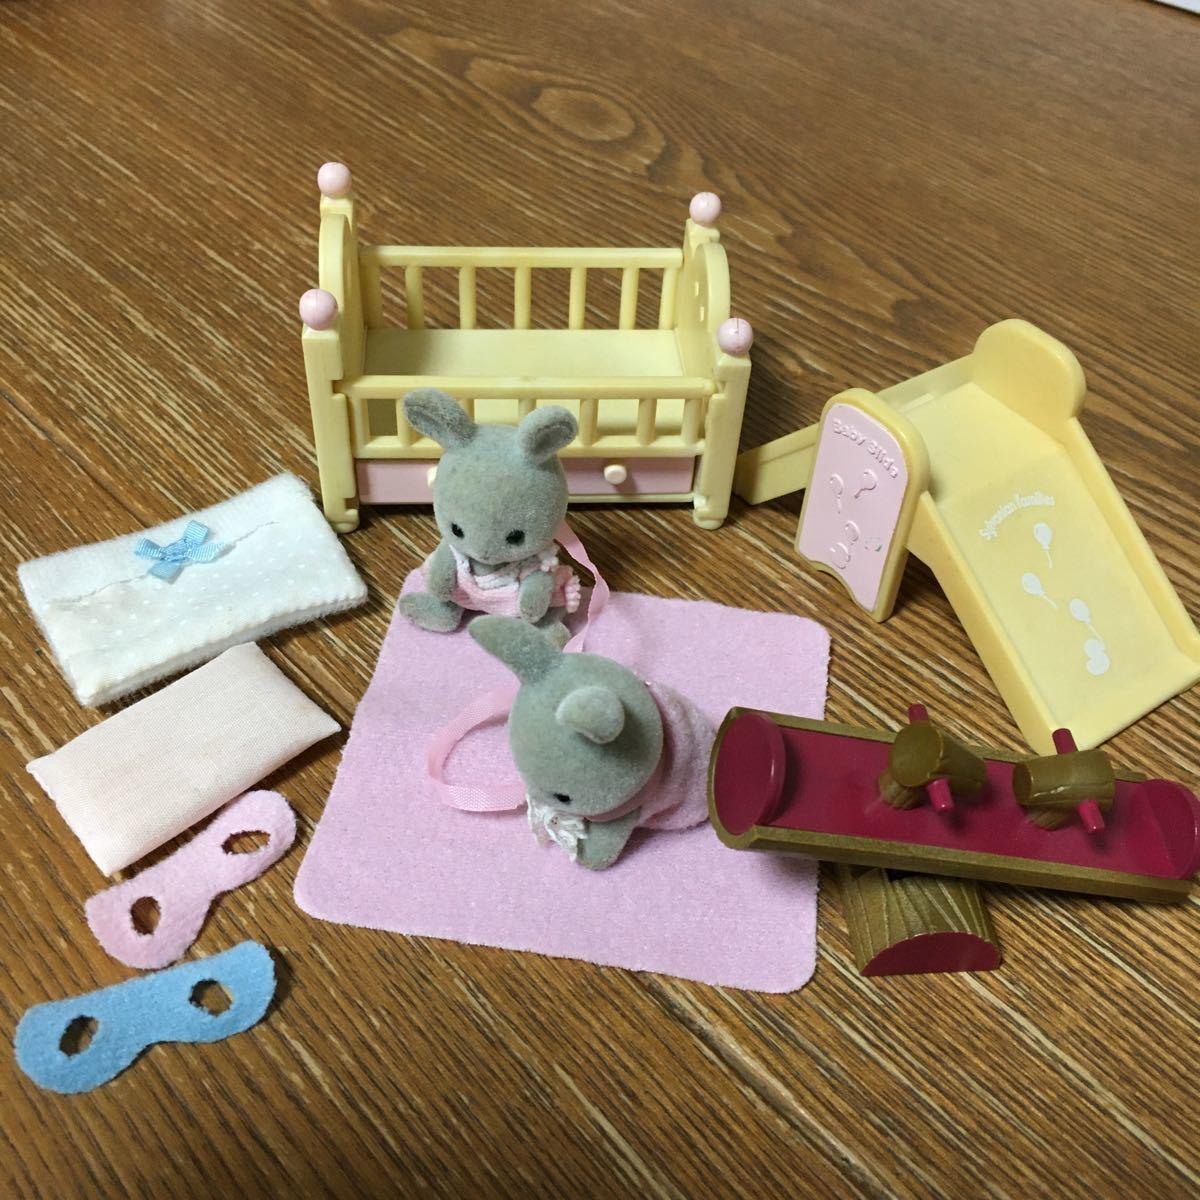 シルバニアファミリー ベビー家具セット 双子 赤ちゃん グレー_画像1